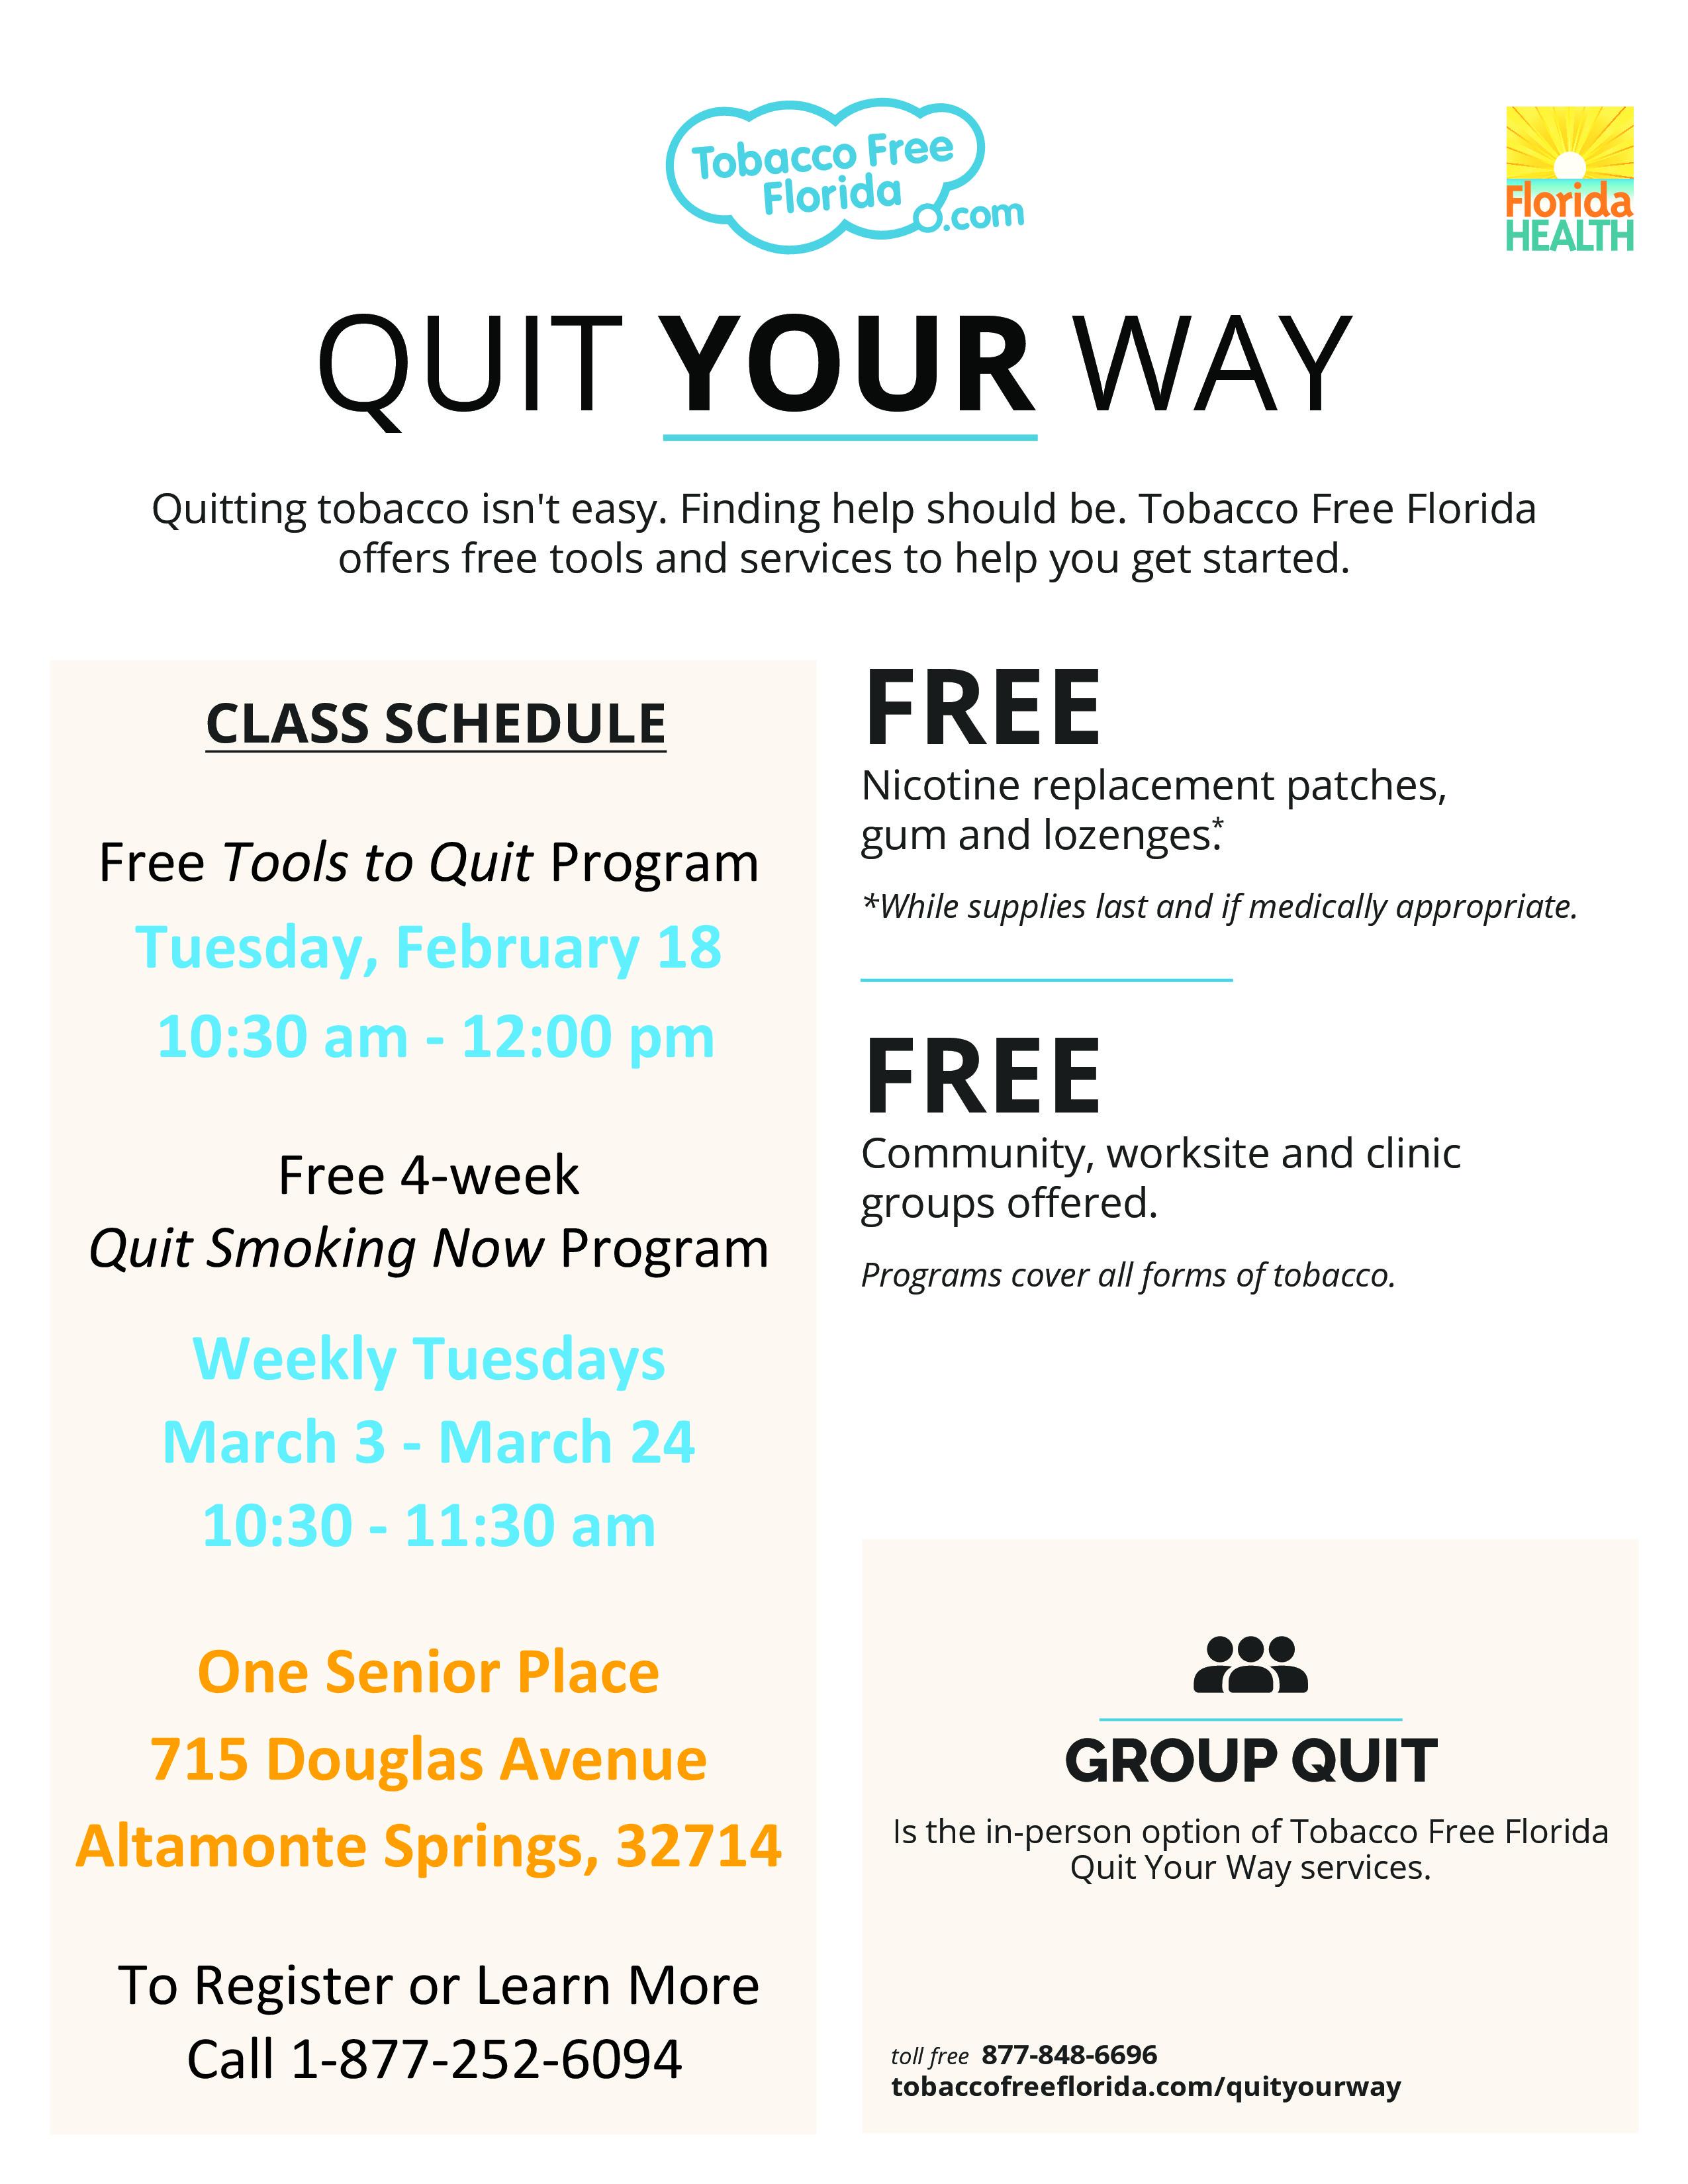 FREE Tools To Quit Program